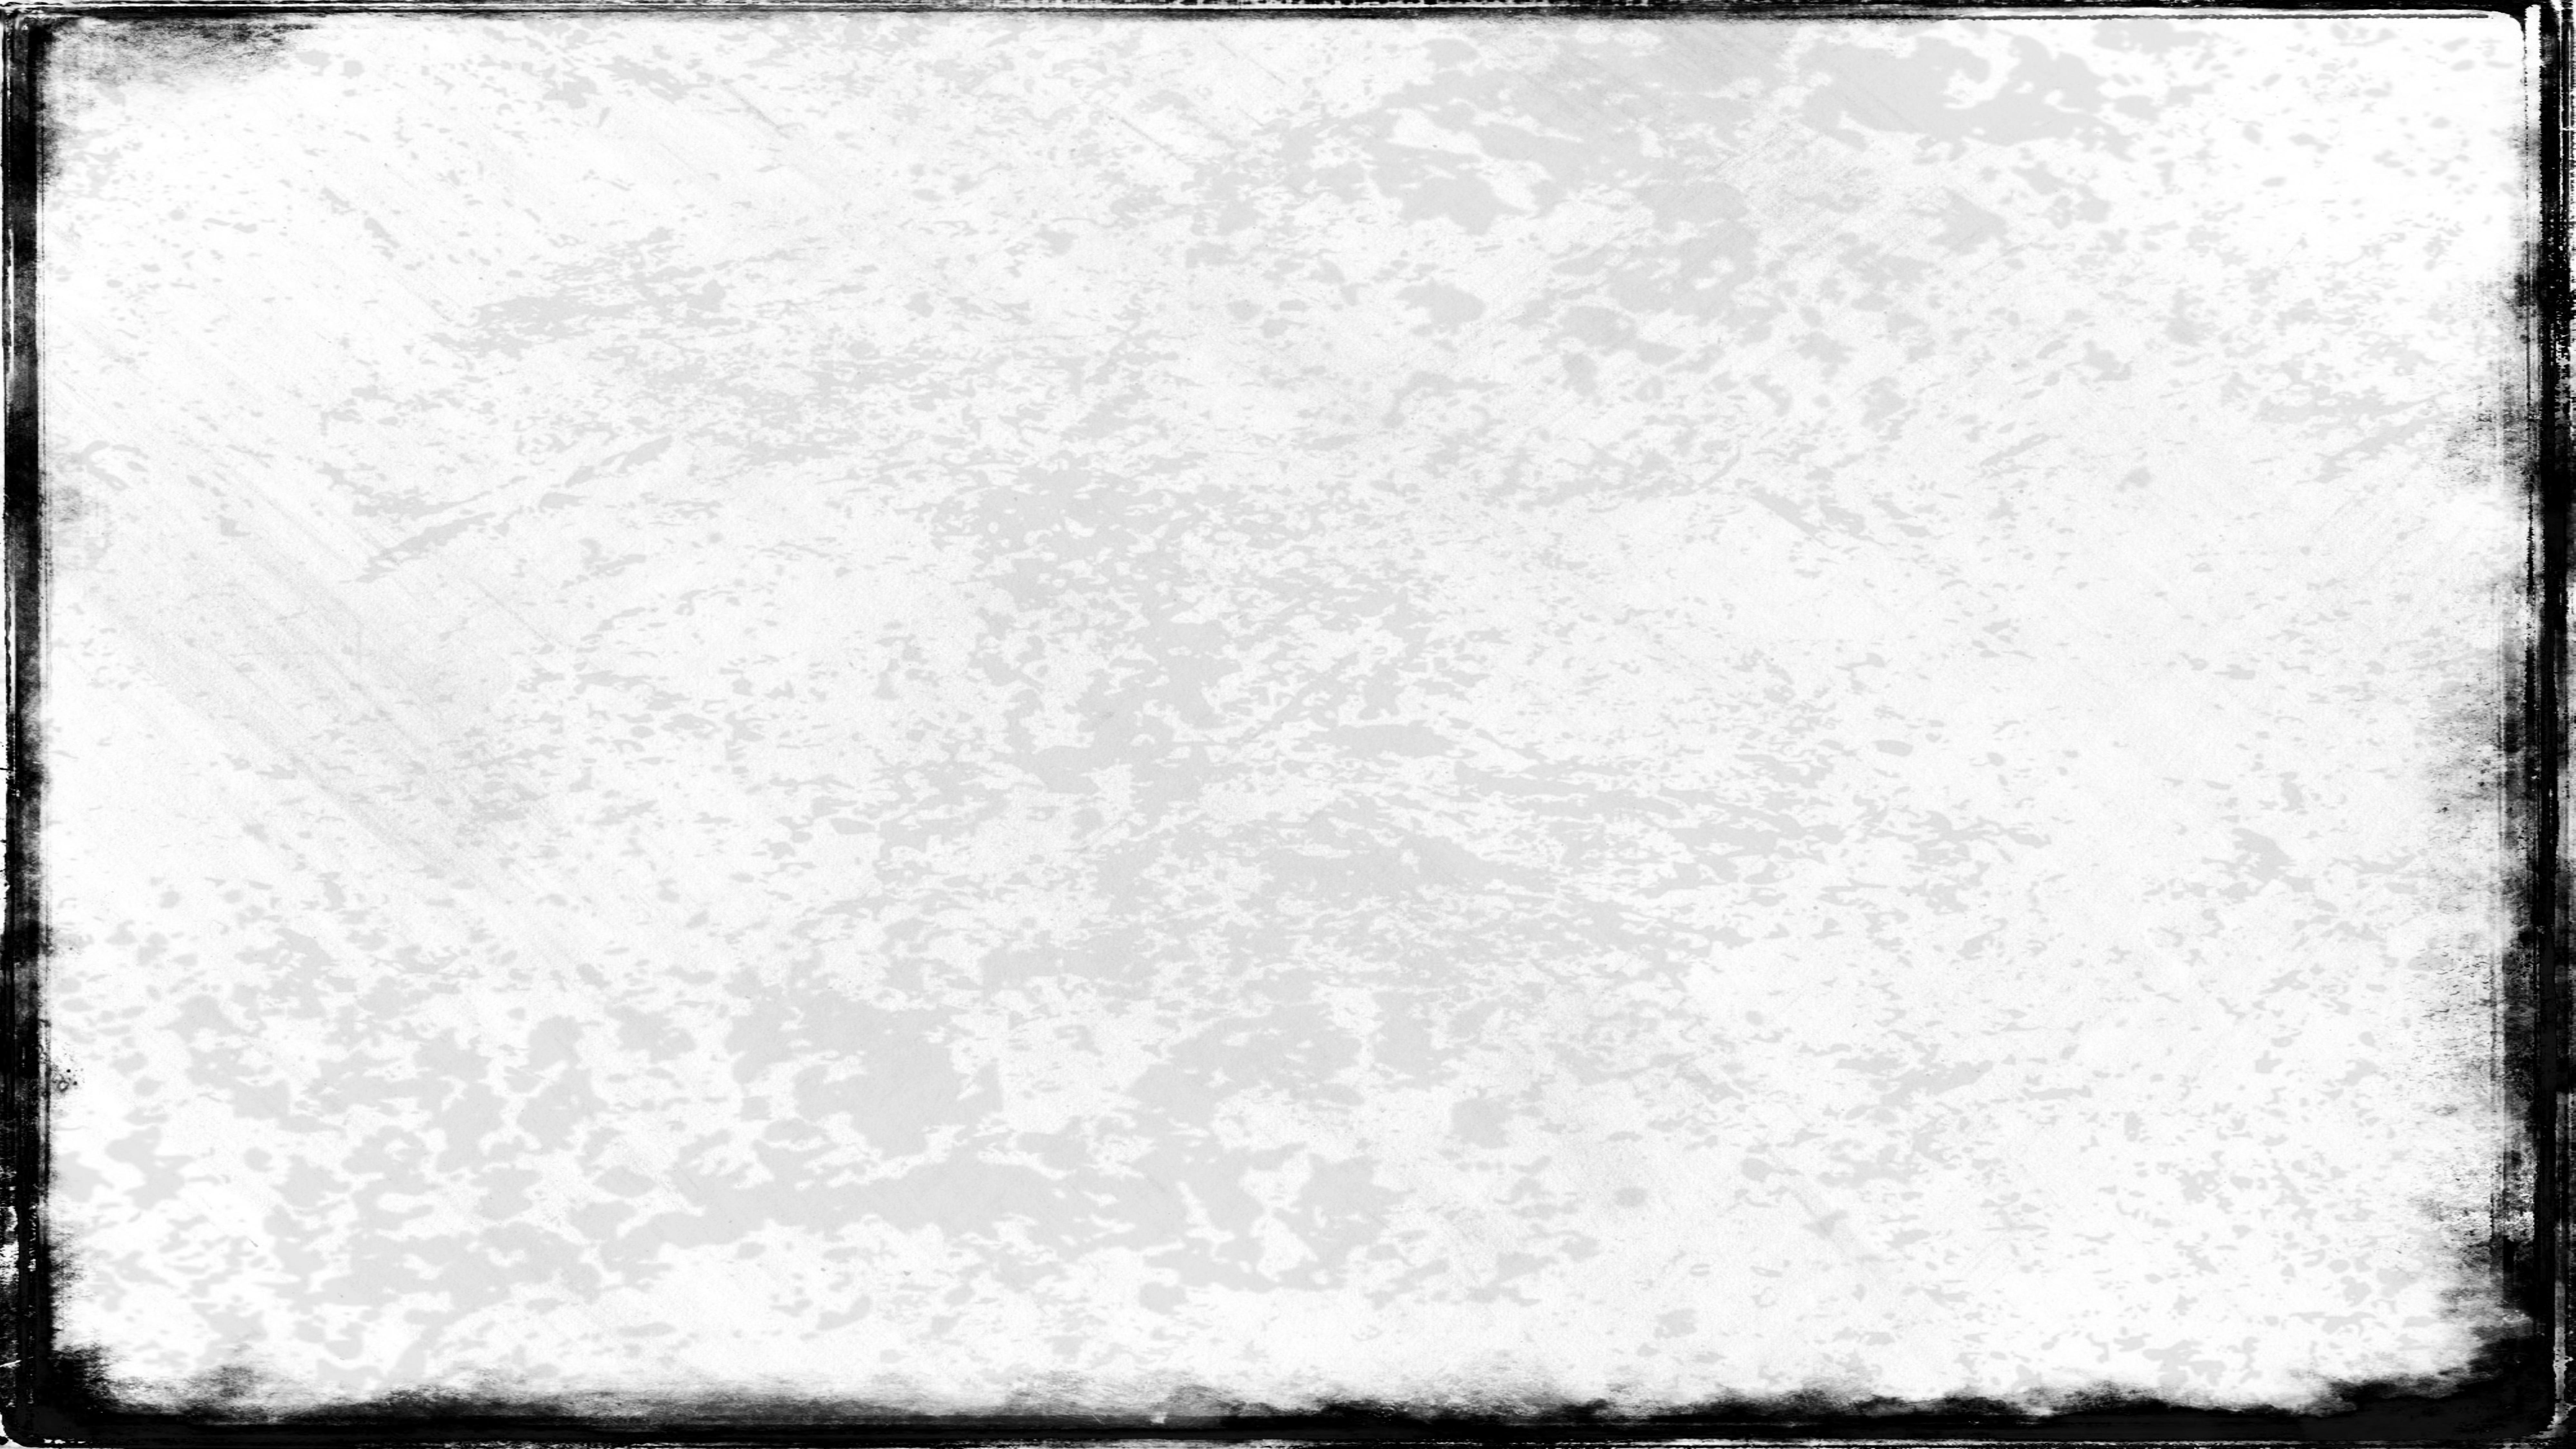 Grunge Border Background 8000x4500